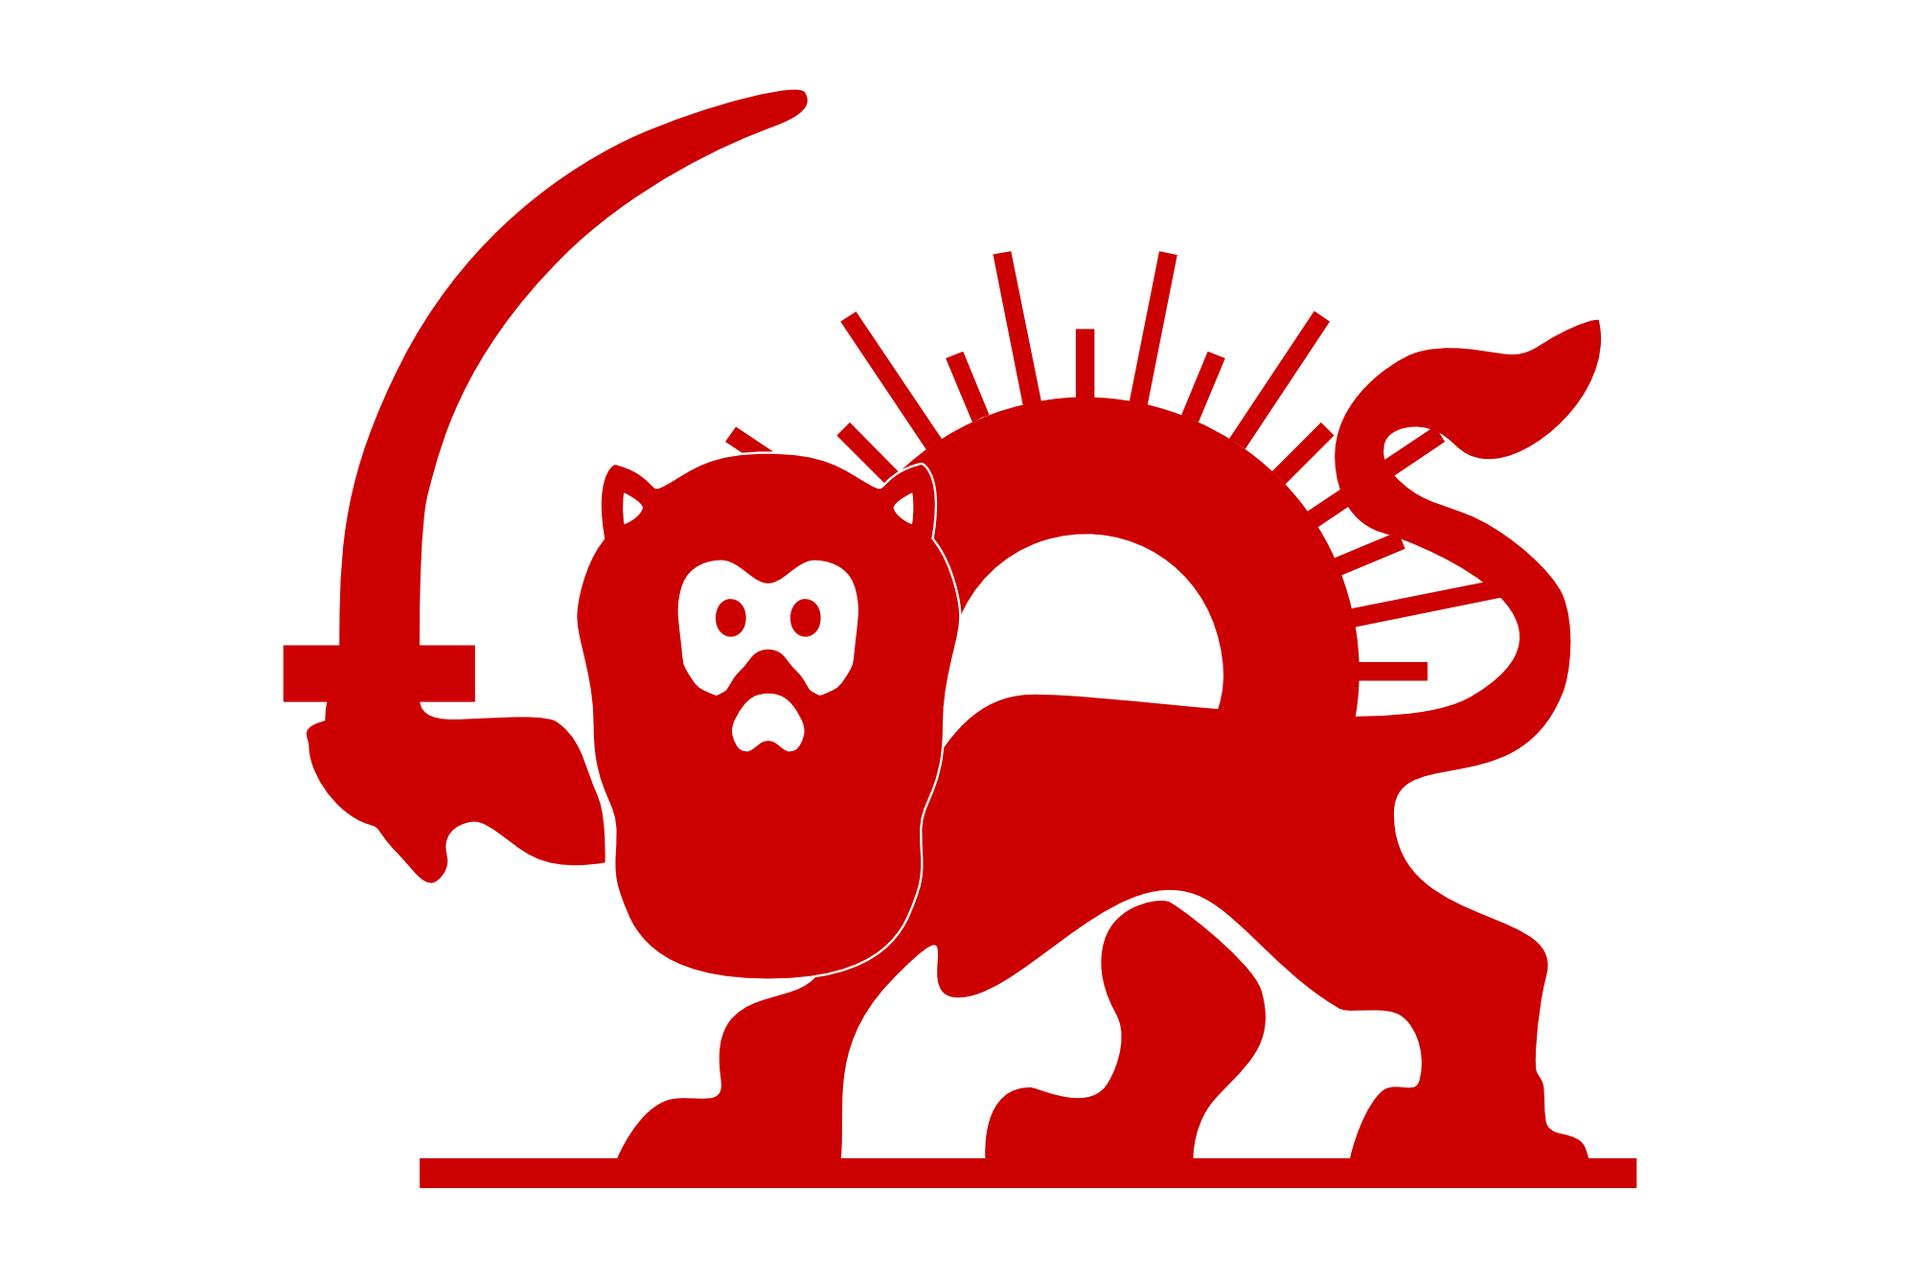 """Ilustracja przedstawia piktogram czerwonego lwa. Lew stoi bokiem do obserwatora. Głowa skierowana wlewo. Ogon po prawej uniesiony do góry. Przybiera kształt litery """"s"""". Przed głową prawa łapa uniesiona trzyma długi miecz. Miecz wkształcie półksiężyca. Nad grzbietem lwa czerwony półokrąg. Wzdłuż górnej krawędzi półokręgu promienie równomiernie ułożone. Na przemian krótkie idługie promienie."""